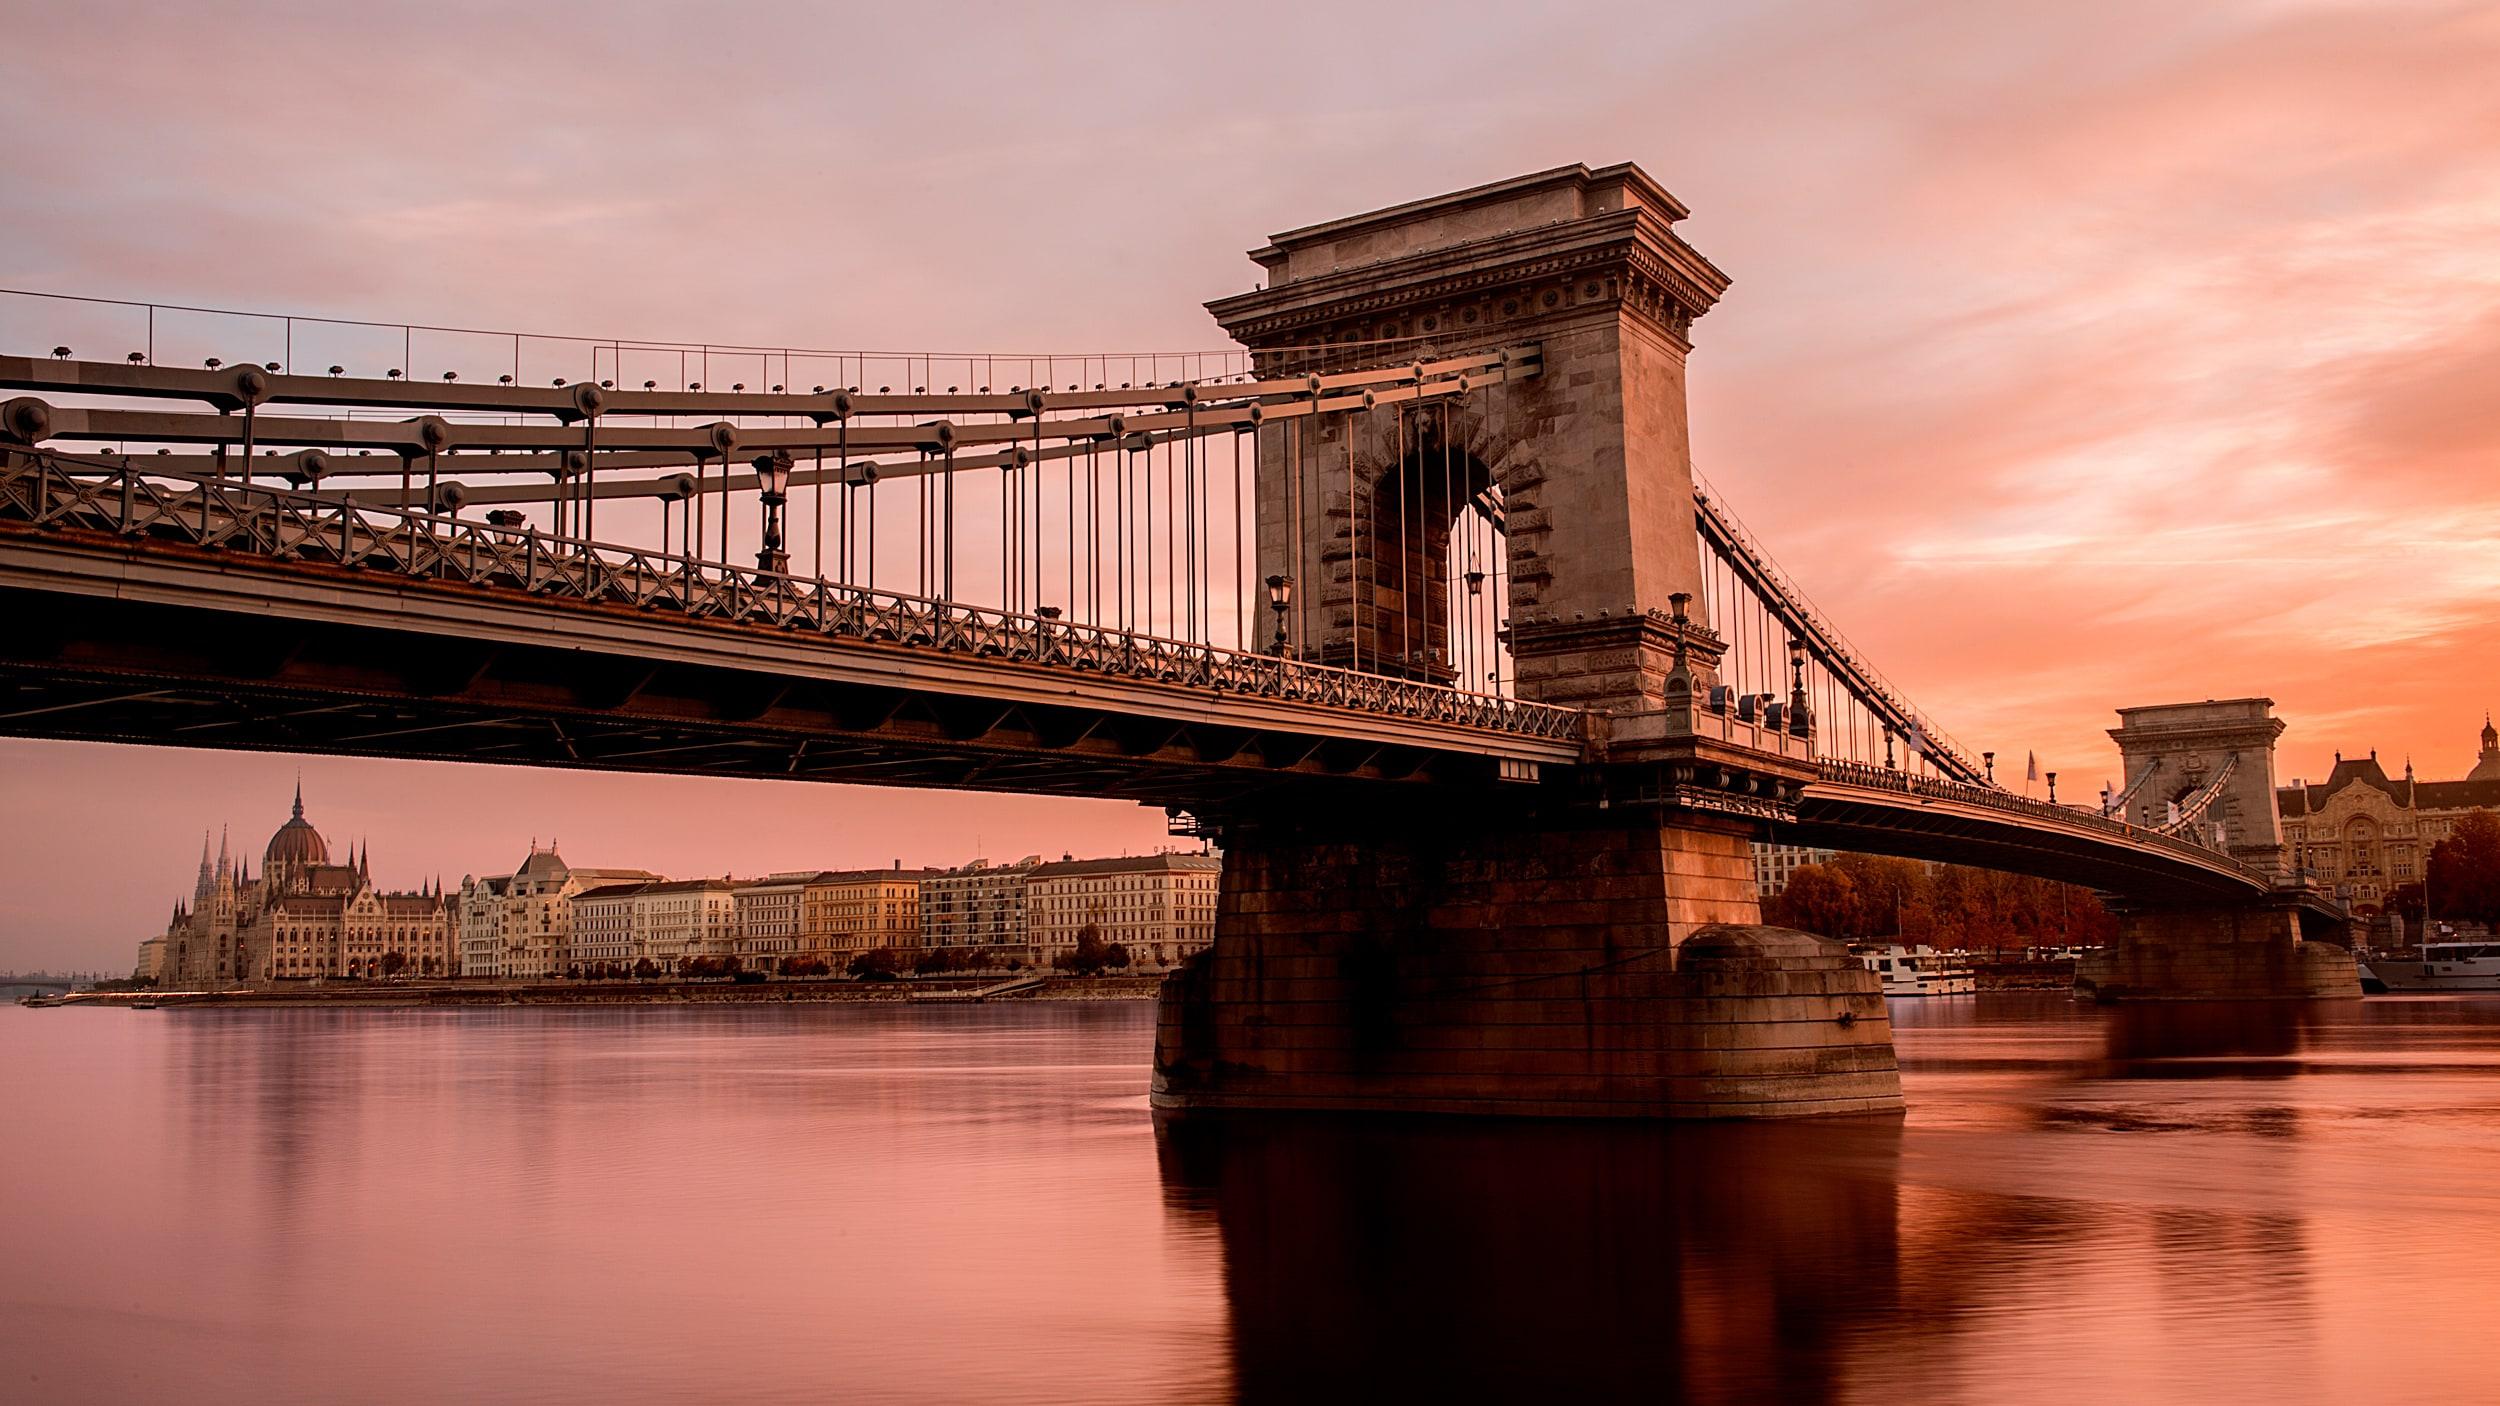 ハンガリー、ブダペストの大きな吊り橋